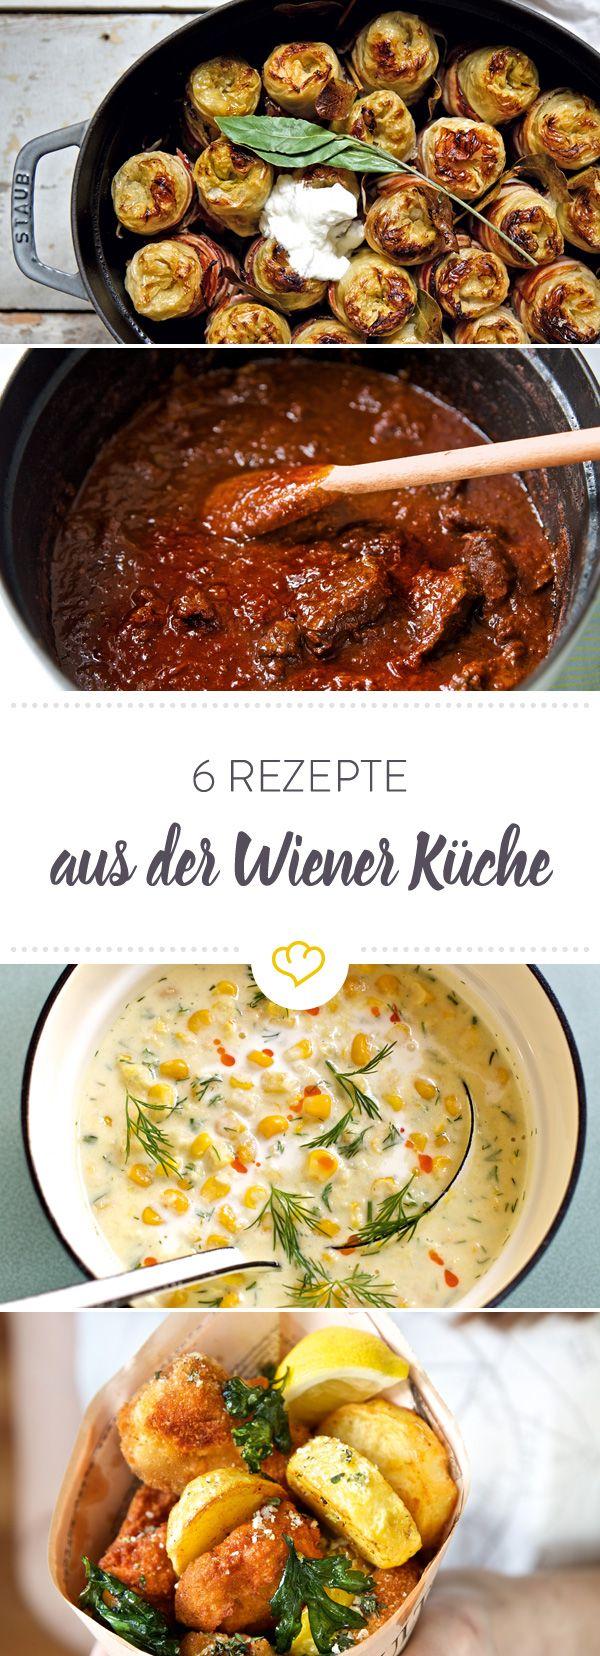 Wiener Wirtshausgulasch Rezept Braten Rinderschmorbraten Und Schmoren